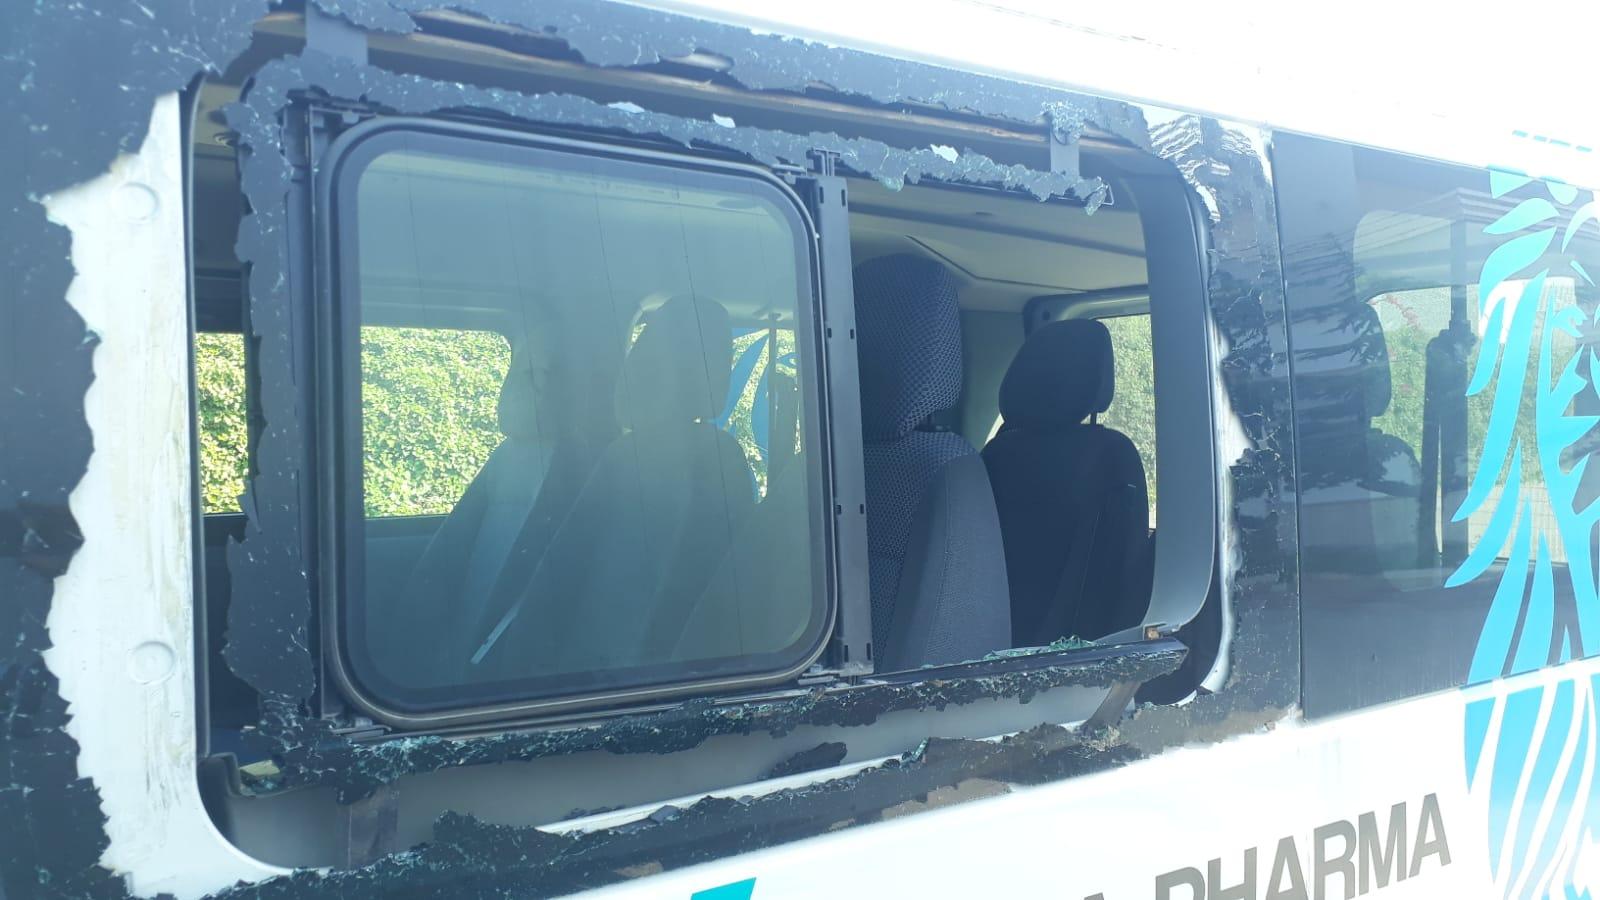 Tentativo di furto con danni ingenti al furgone dei Lions Bisceglie